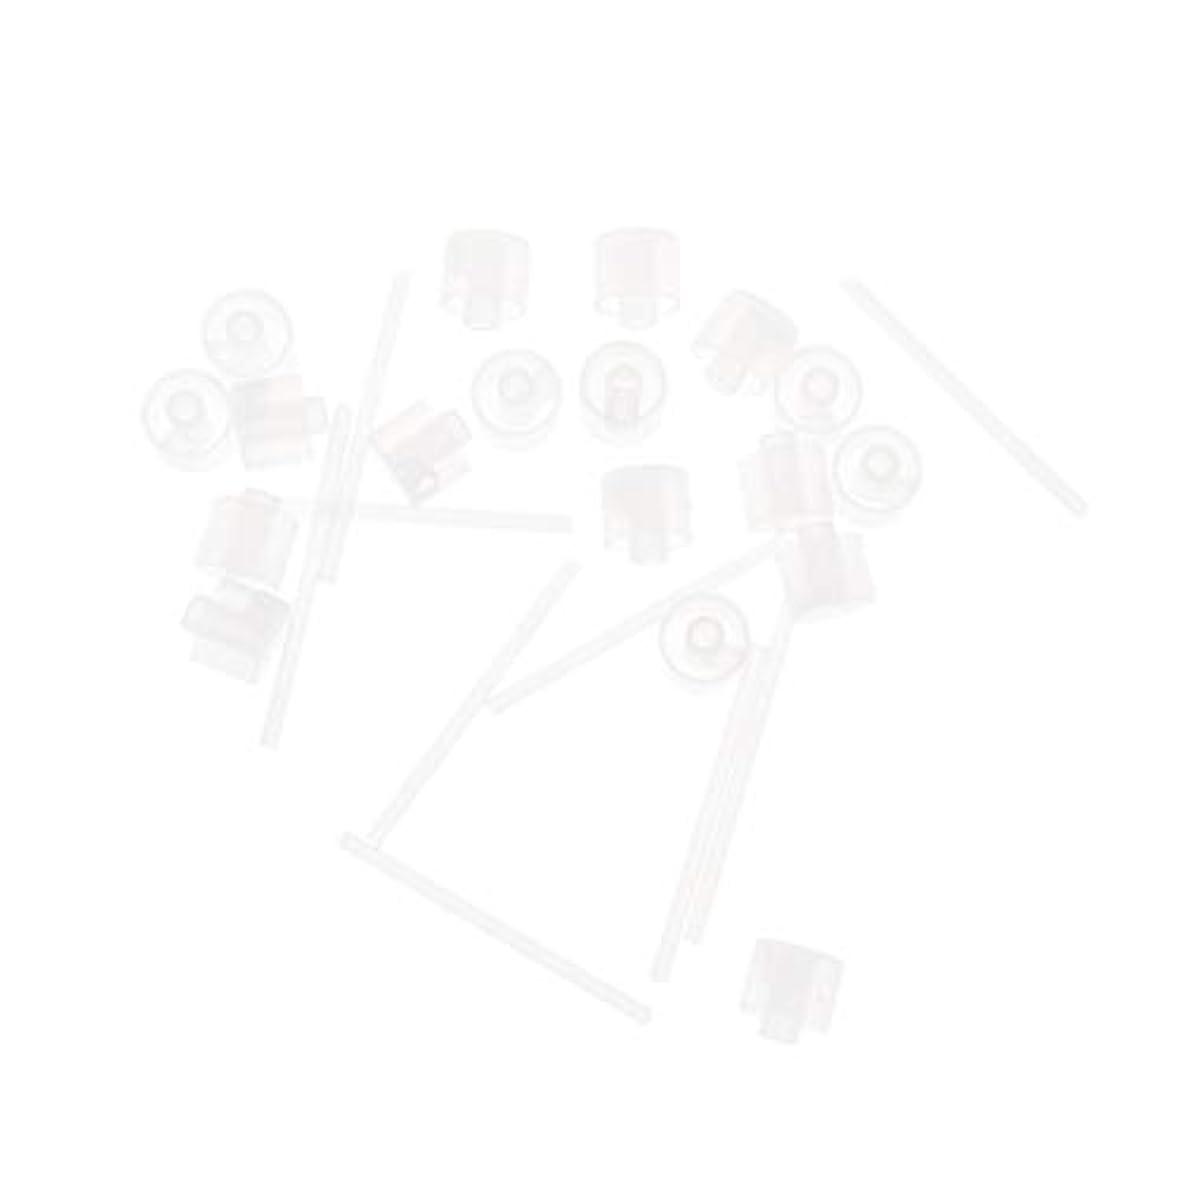 キネマティクスナプキン騒乱Lurrose 20ピースプラスチック香水ポンプディスペンサー香水ディスペンサーツール